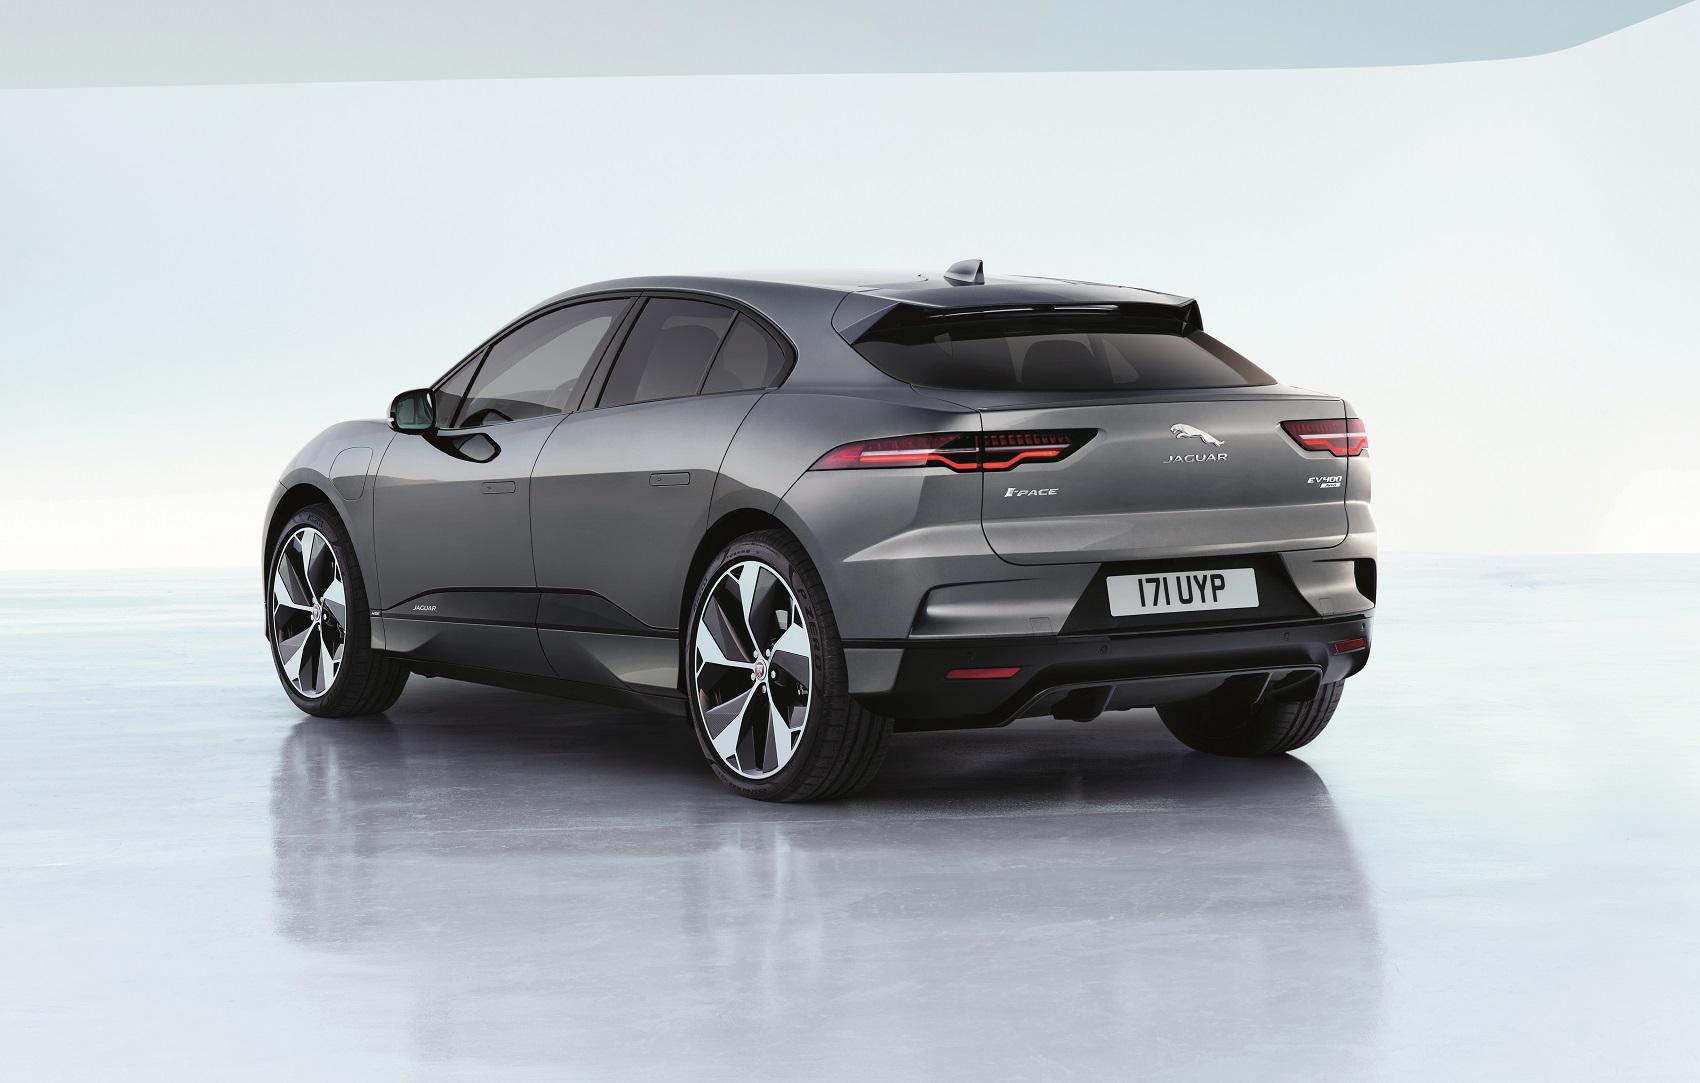 Jaguar I-Pace Features